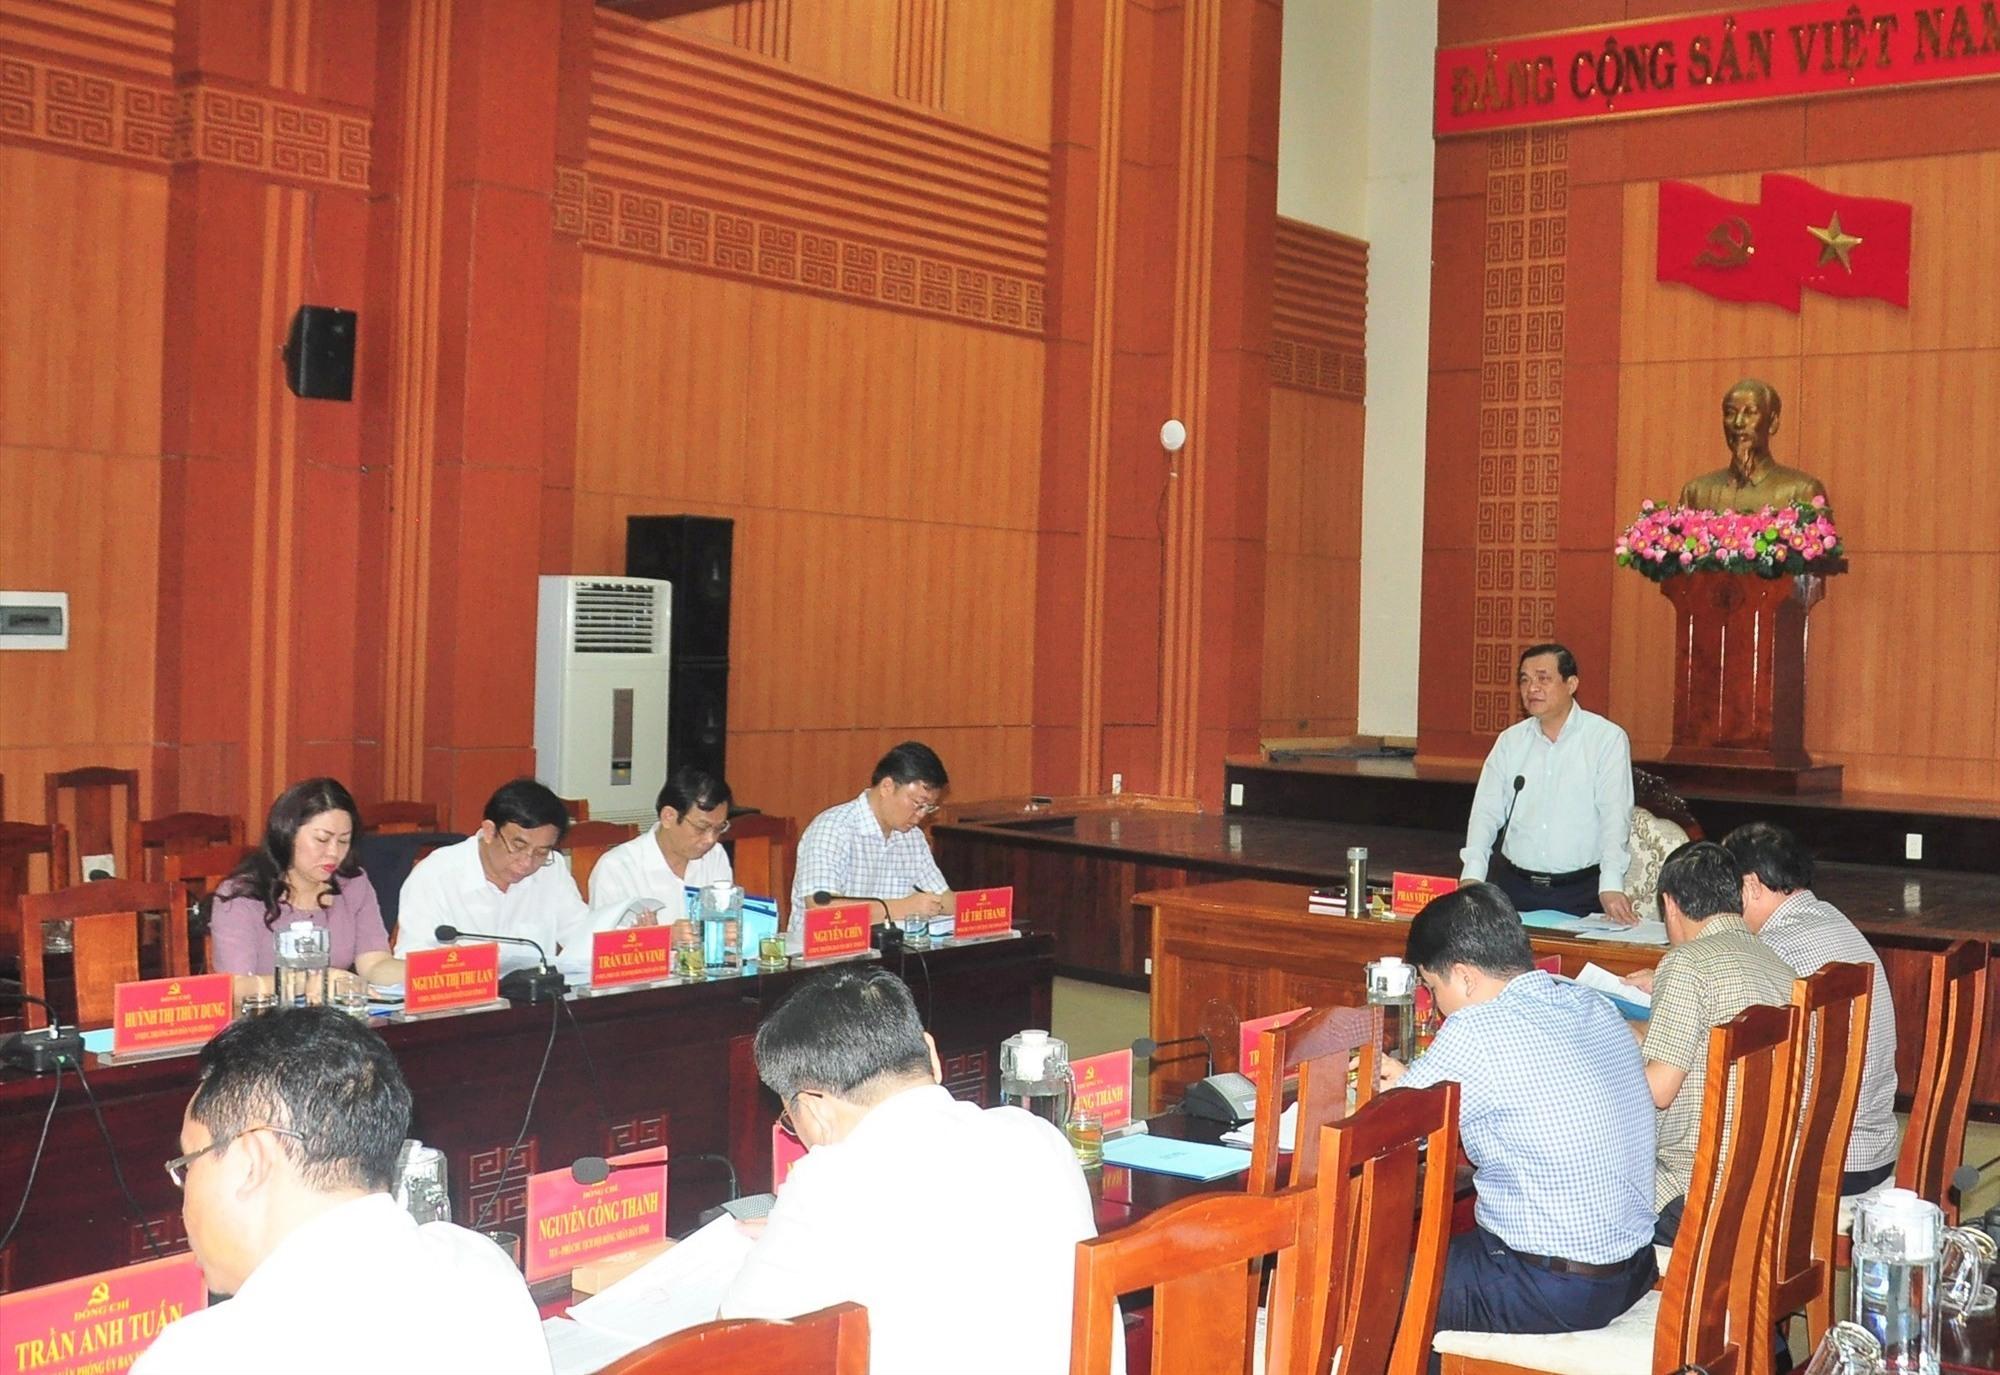 Bí thư Tỉnh ủy, Chủ tịch HĐND tỉnh Phan Việt Cường phát biểu tại phiên họp lần thứ 4 Ủy ban Bầu cử tỉnh. Ảnh: A.Đ